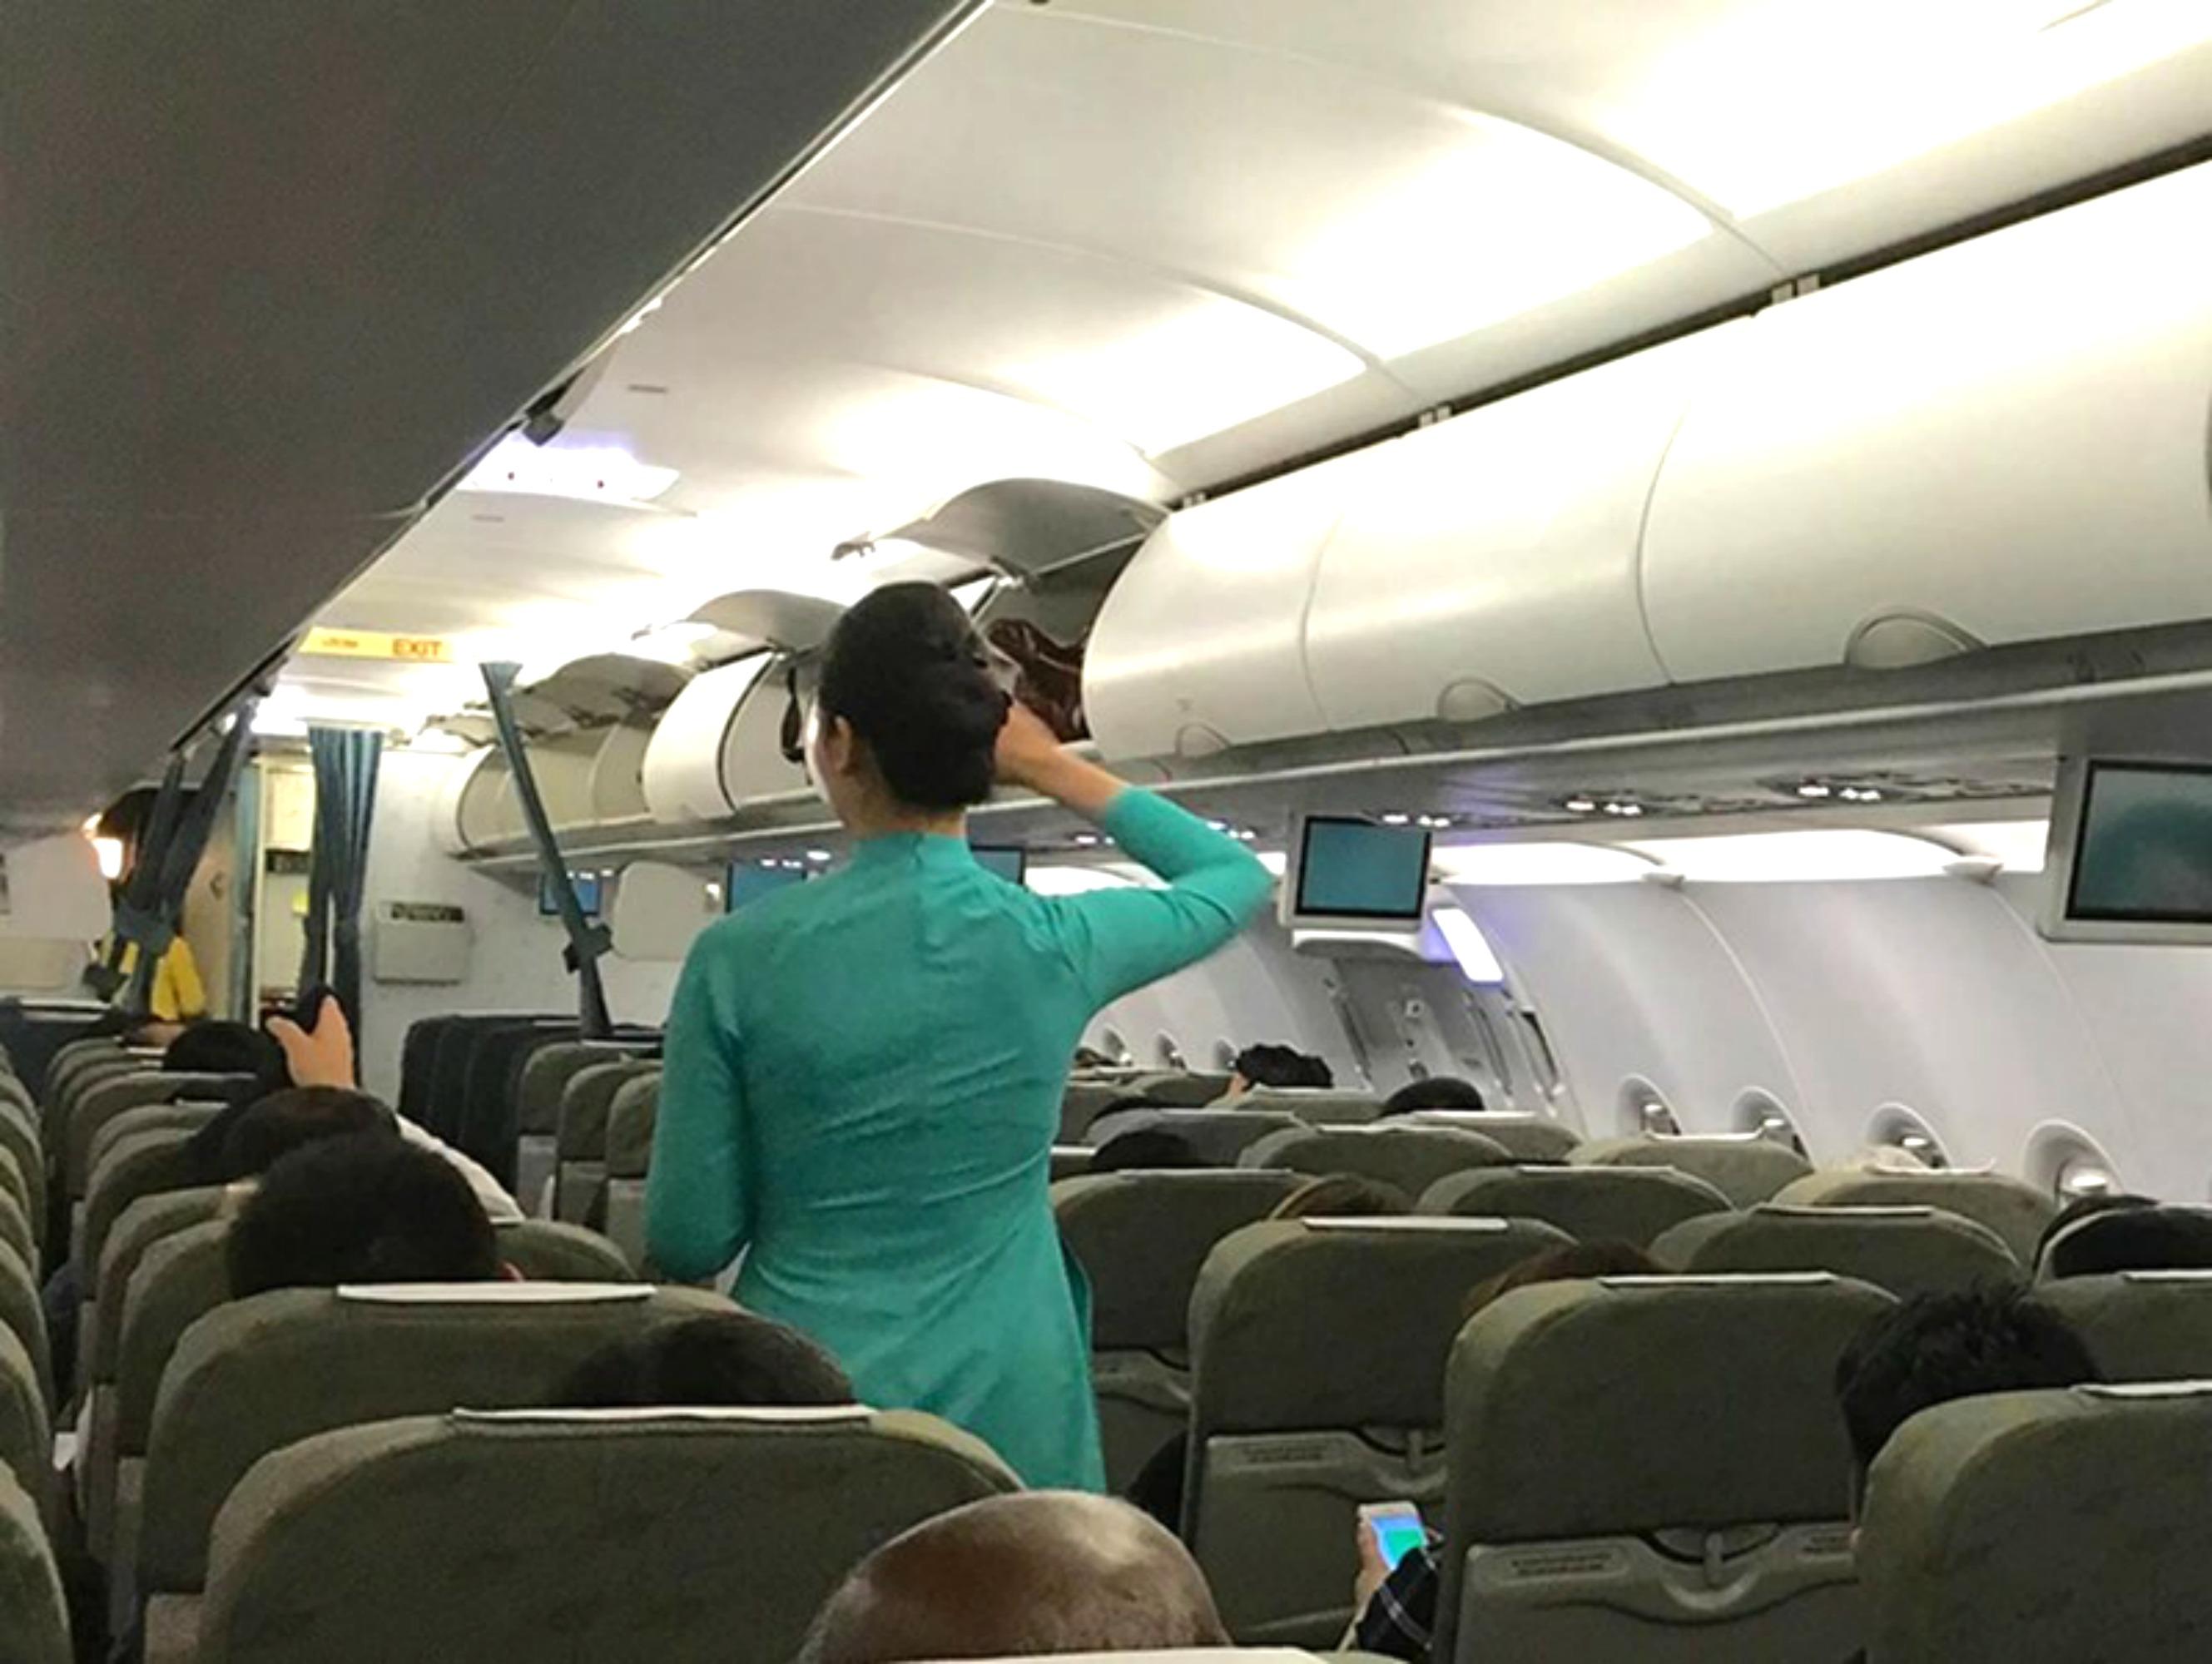 Hành khách Trung Cộng lại ăn cắp tiền trên máy bay